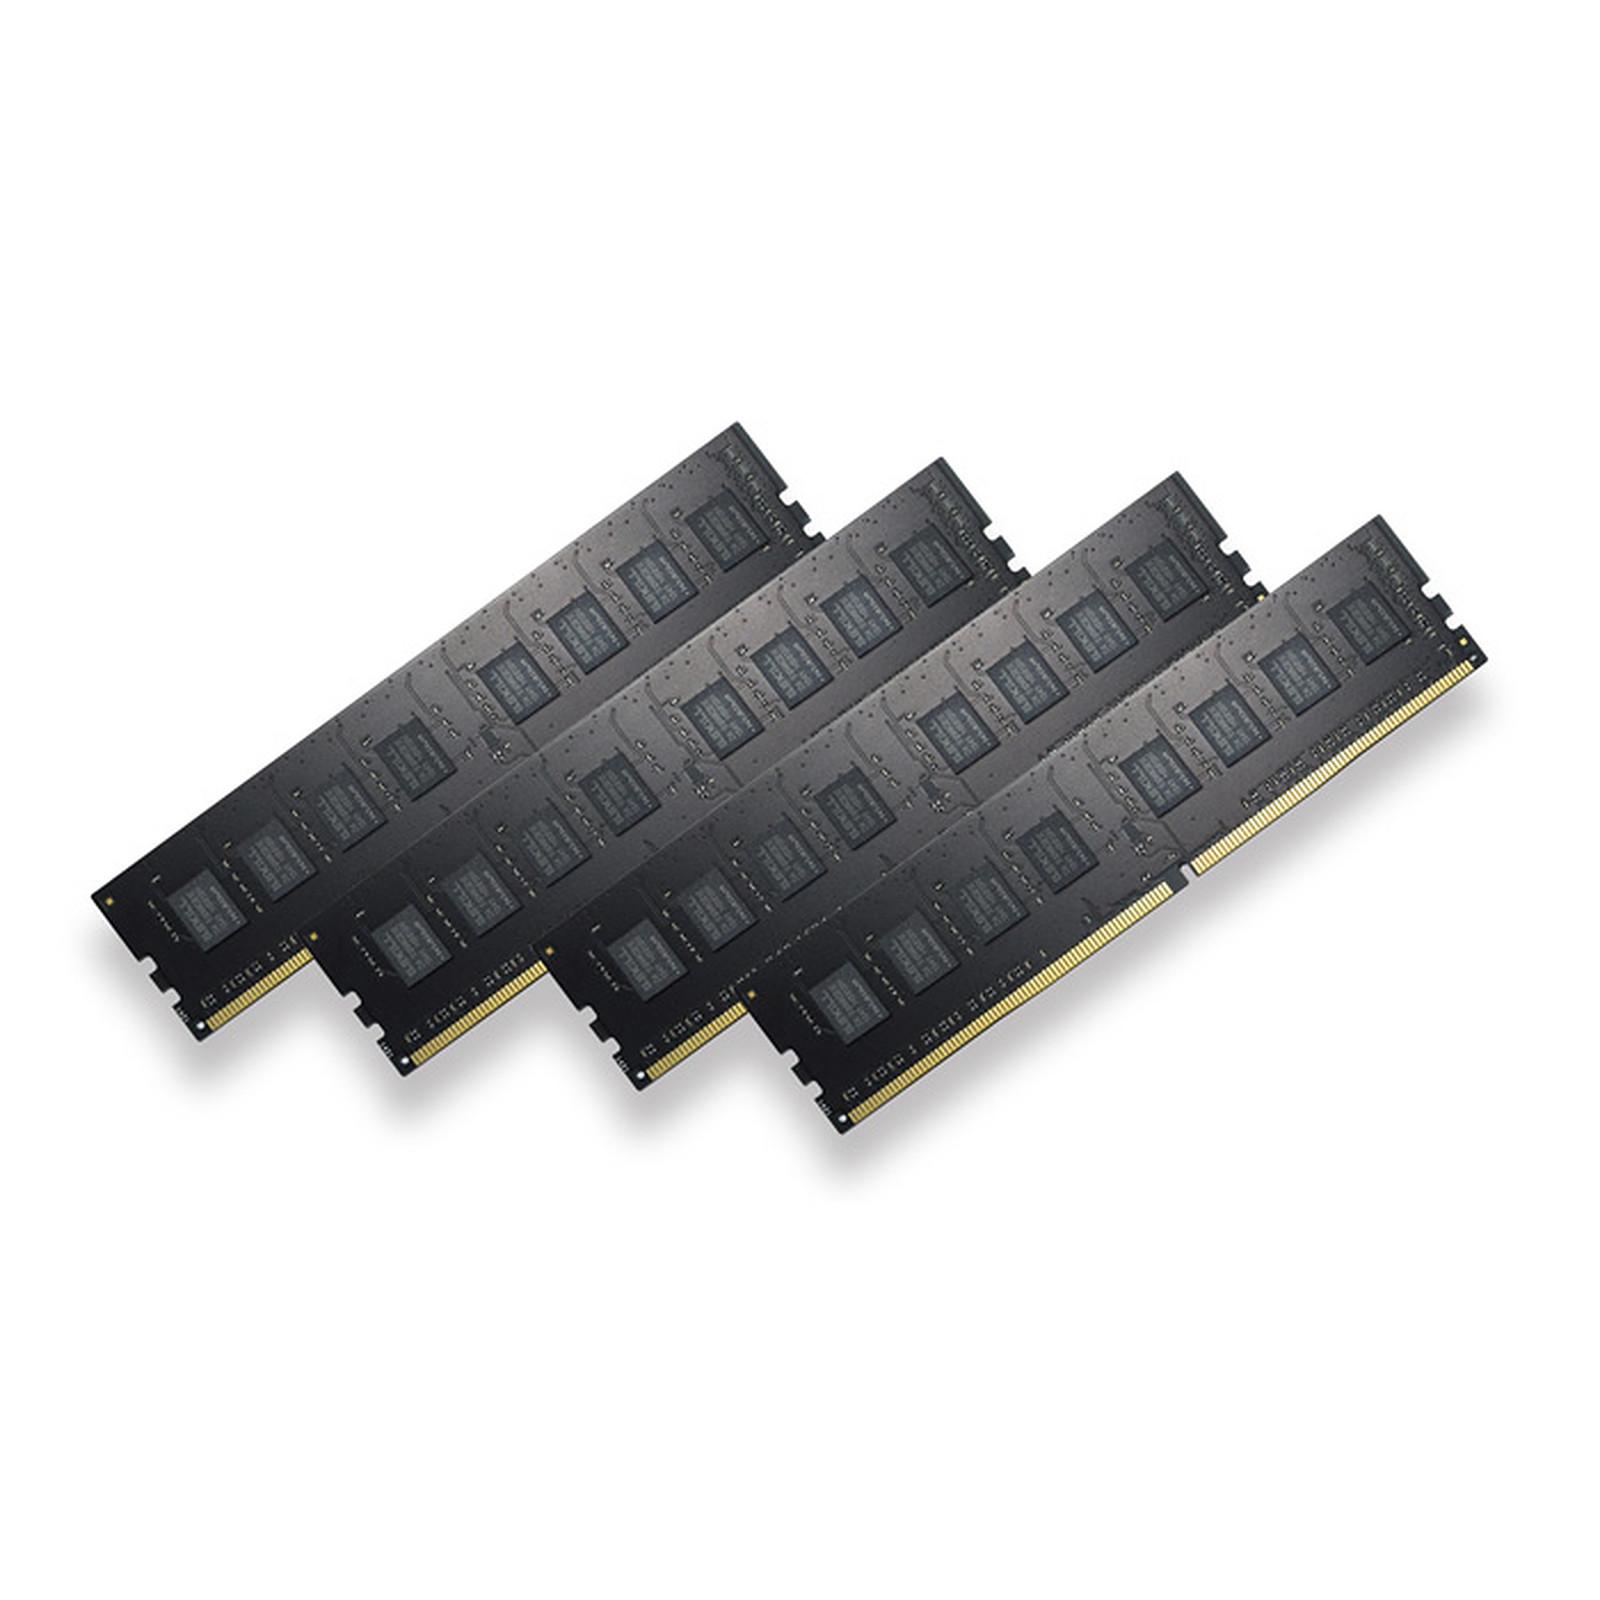 G.Skill RipJaws 4 Series 32 Go (4x 8 Go) DDR4 2133 MHz CL15